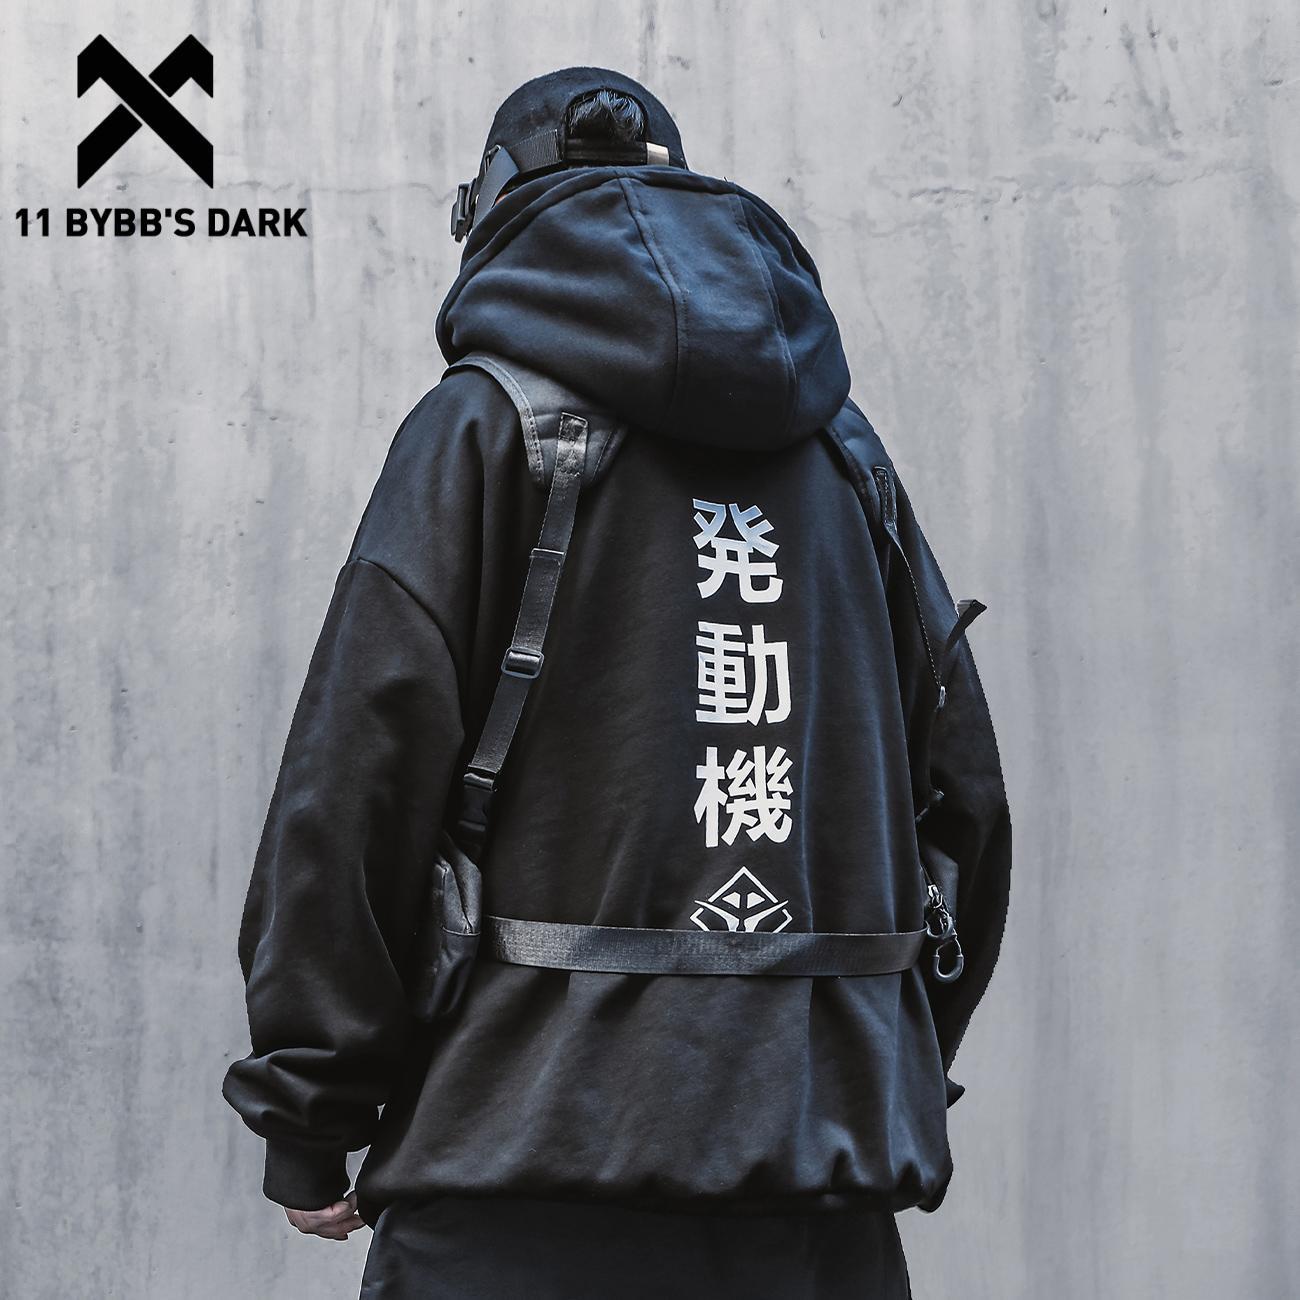 11 BYBB'S DARK Techwear Harajuku Hoodie Mens 2021 Punk Cotton Print Double Hood Pullover Hip Hop Streetwear Hoodie Sweatshirts